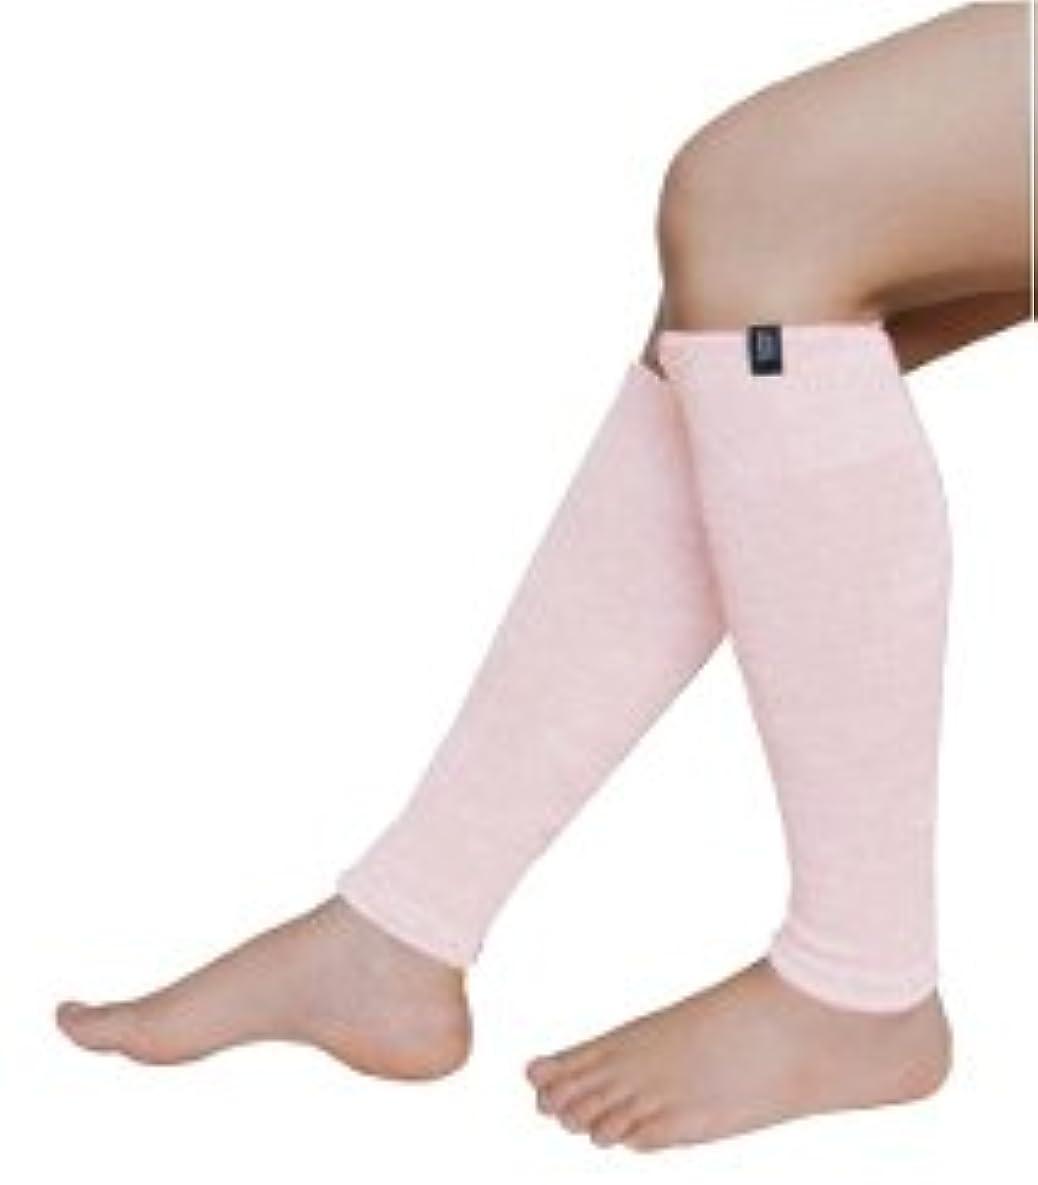 ふざけた付与意義ふくらはぎ専用 ミーテ?軽やか シルクコットン (ピンク)締め付けない  シルクとコットンの天然素材  長さ40cm